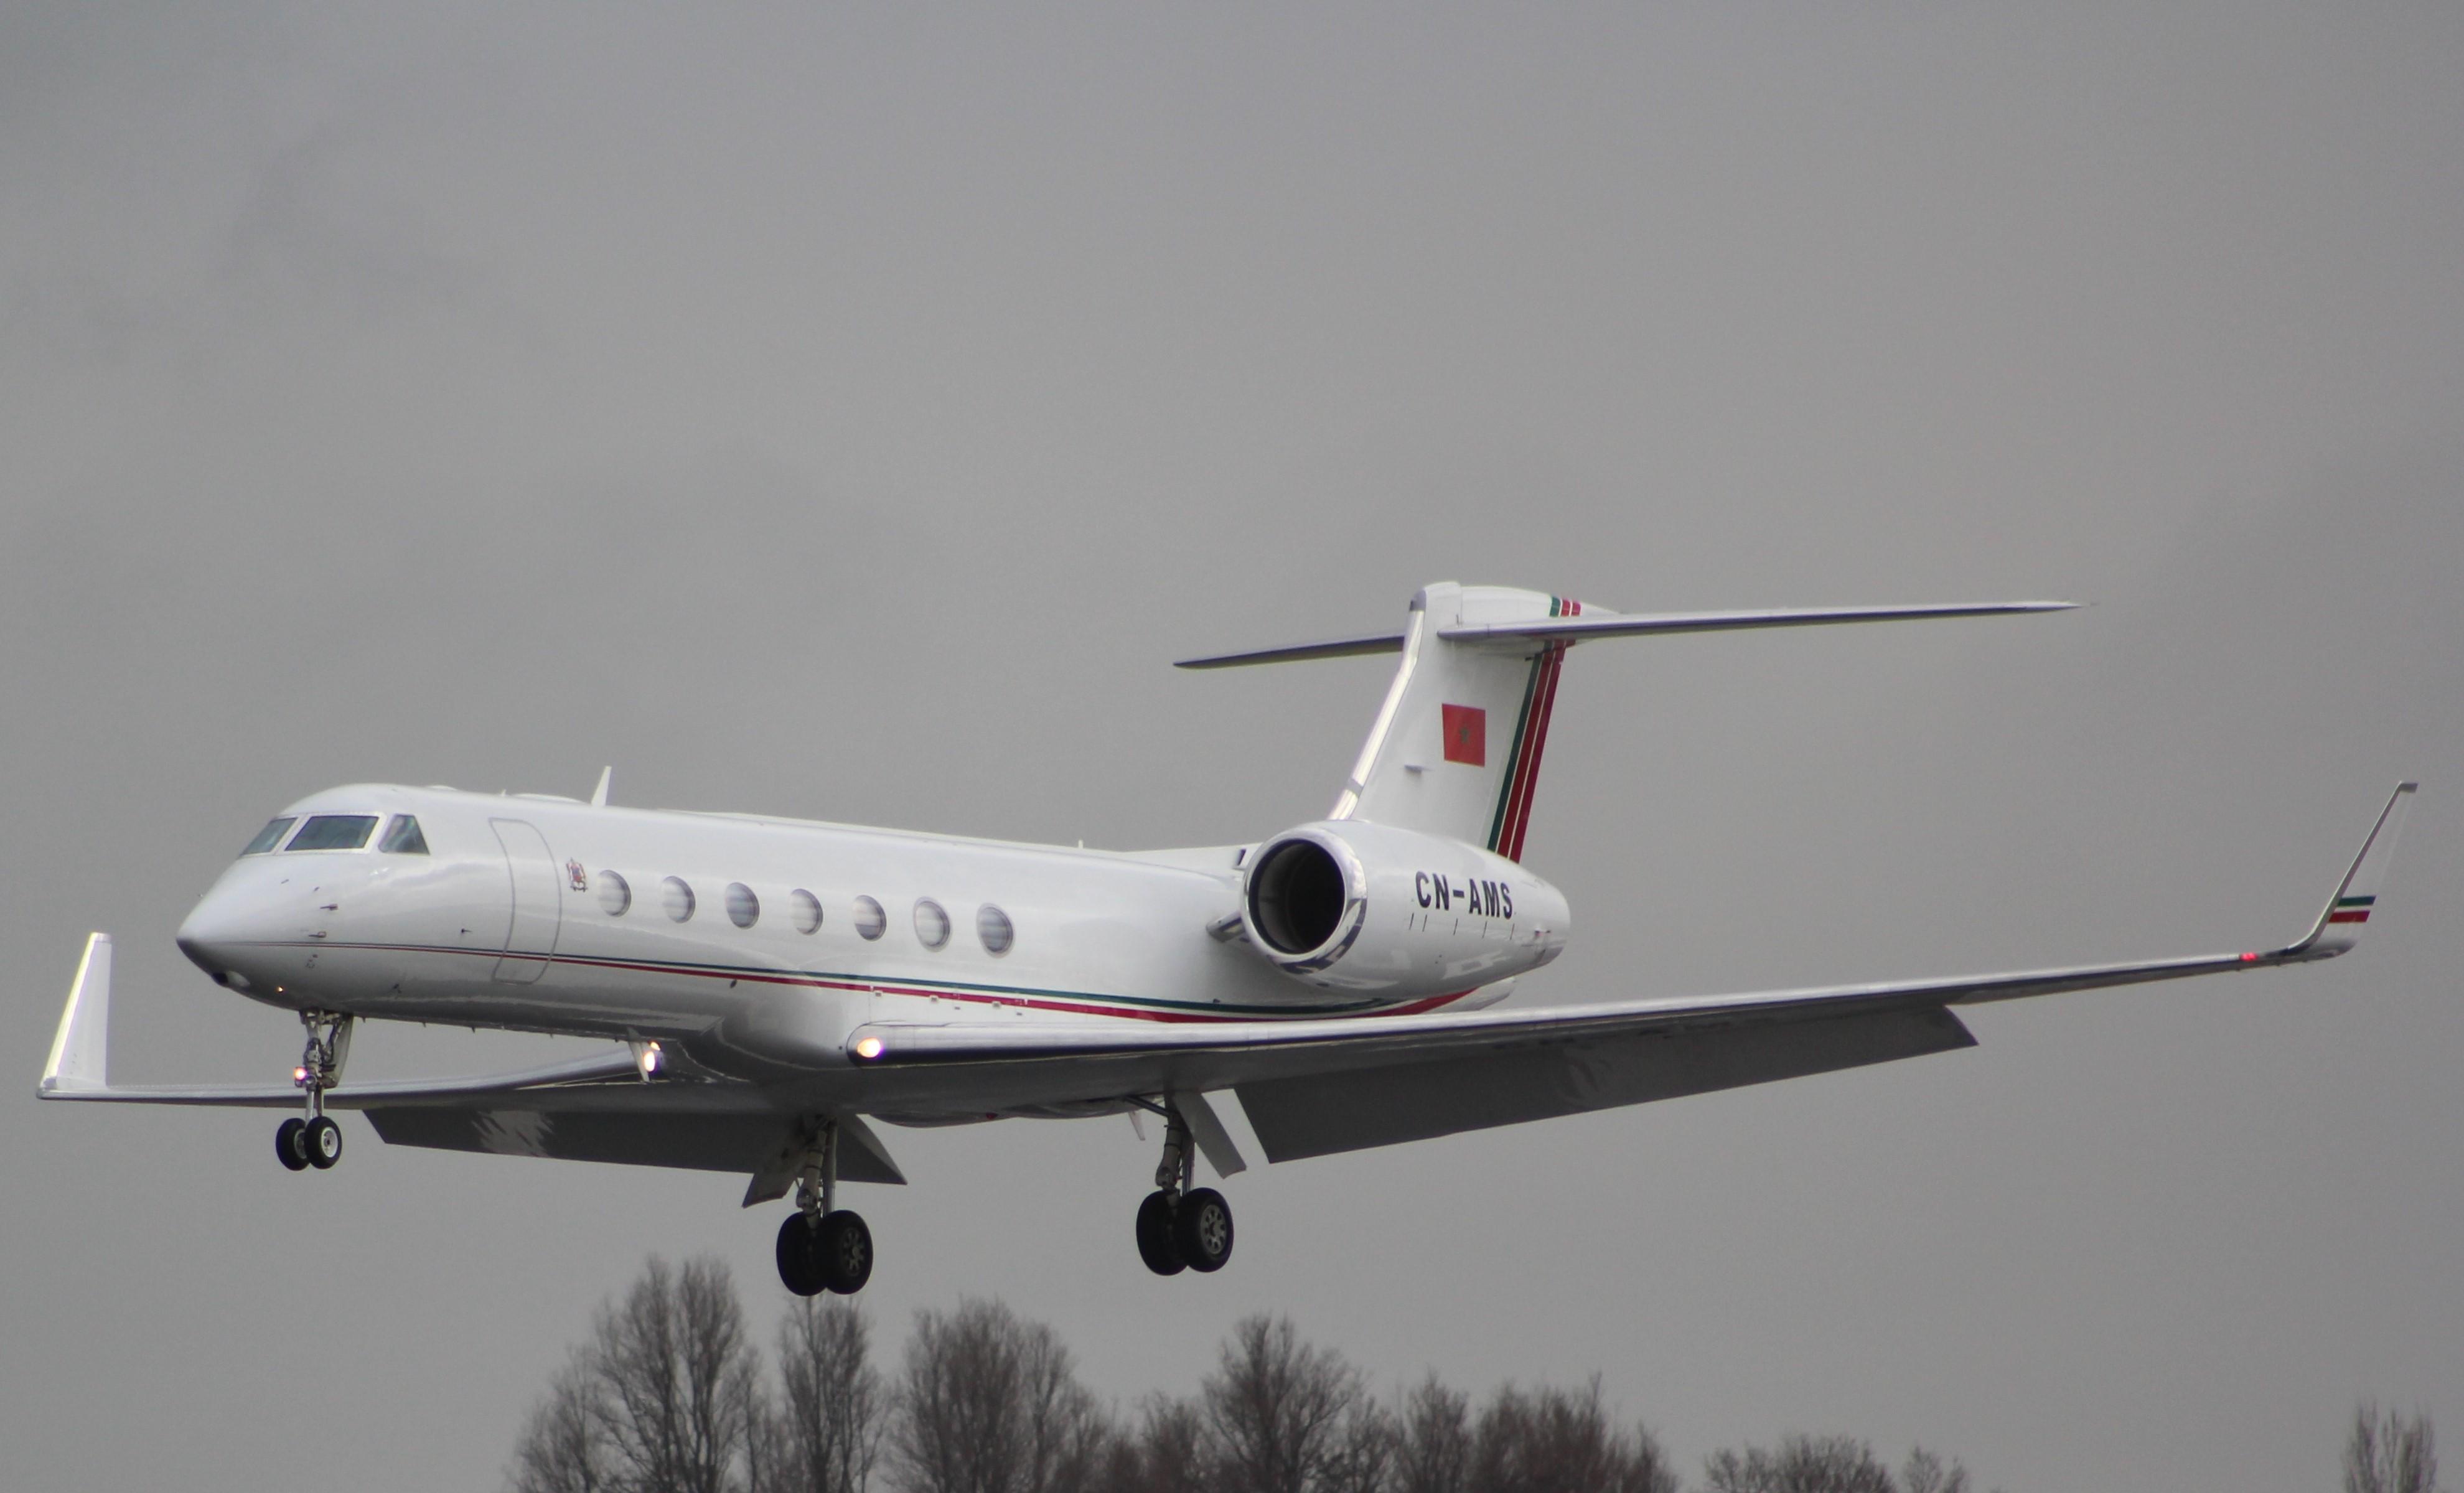 FRA: Avions VIP, Liaison & ECM - Page 12 25761834880_d04834d626_o